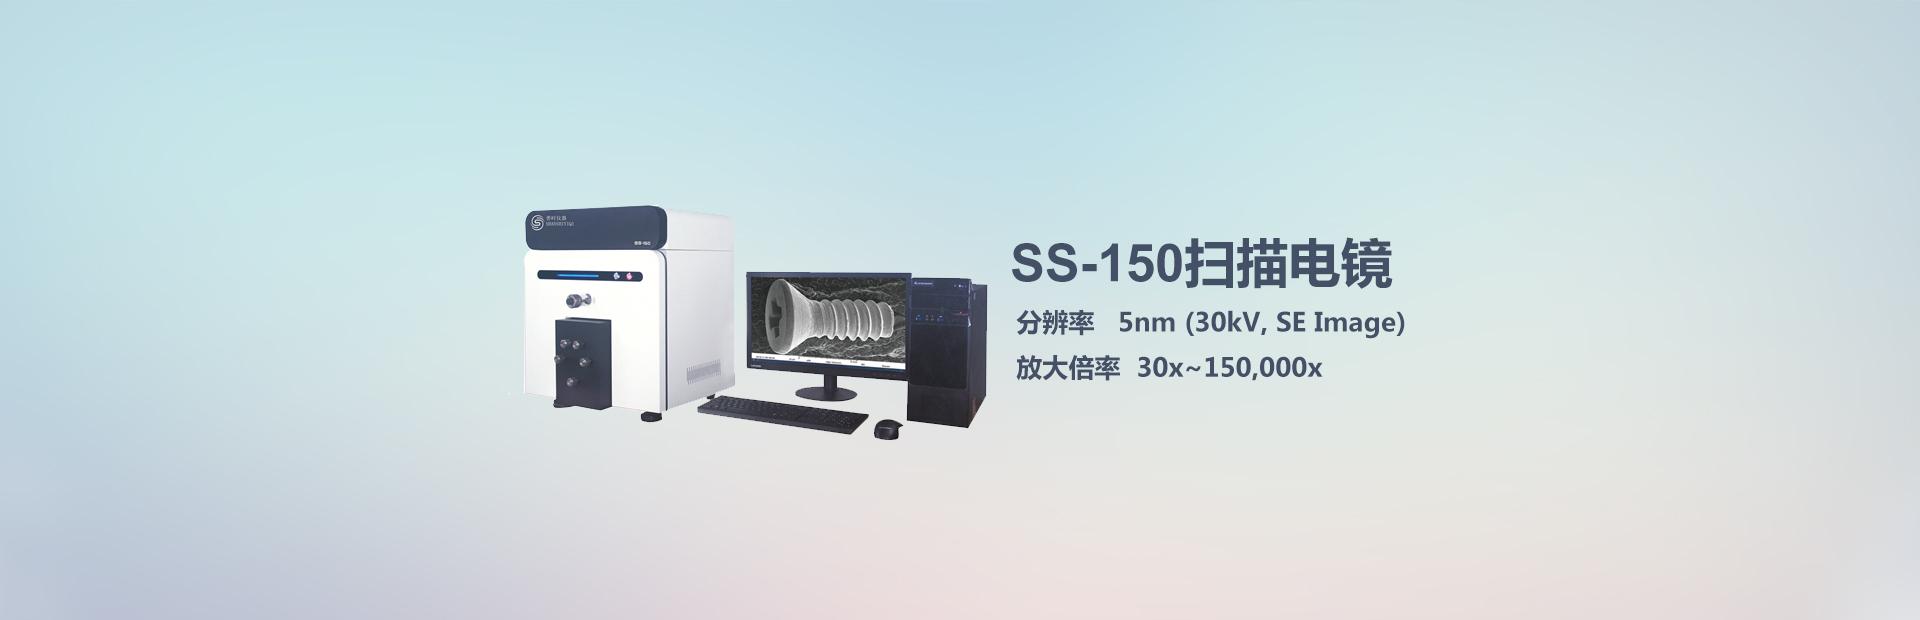 SS-150系列掃描電鏡